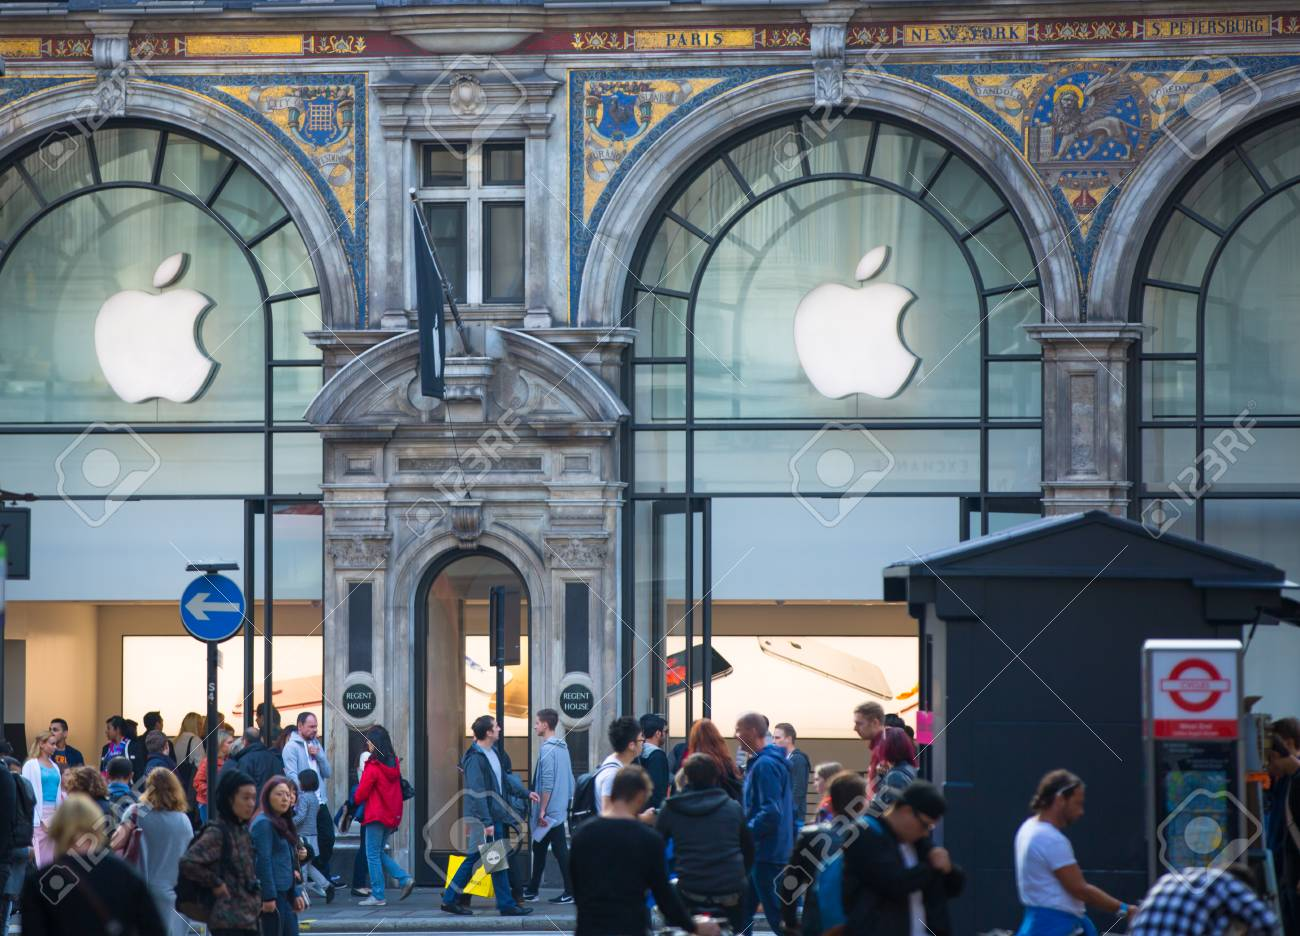 LONDON, UK - OCTOBER 4, 2015: Apple store entrance at Regent